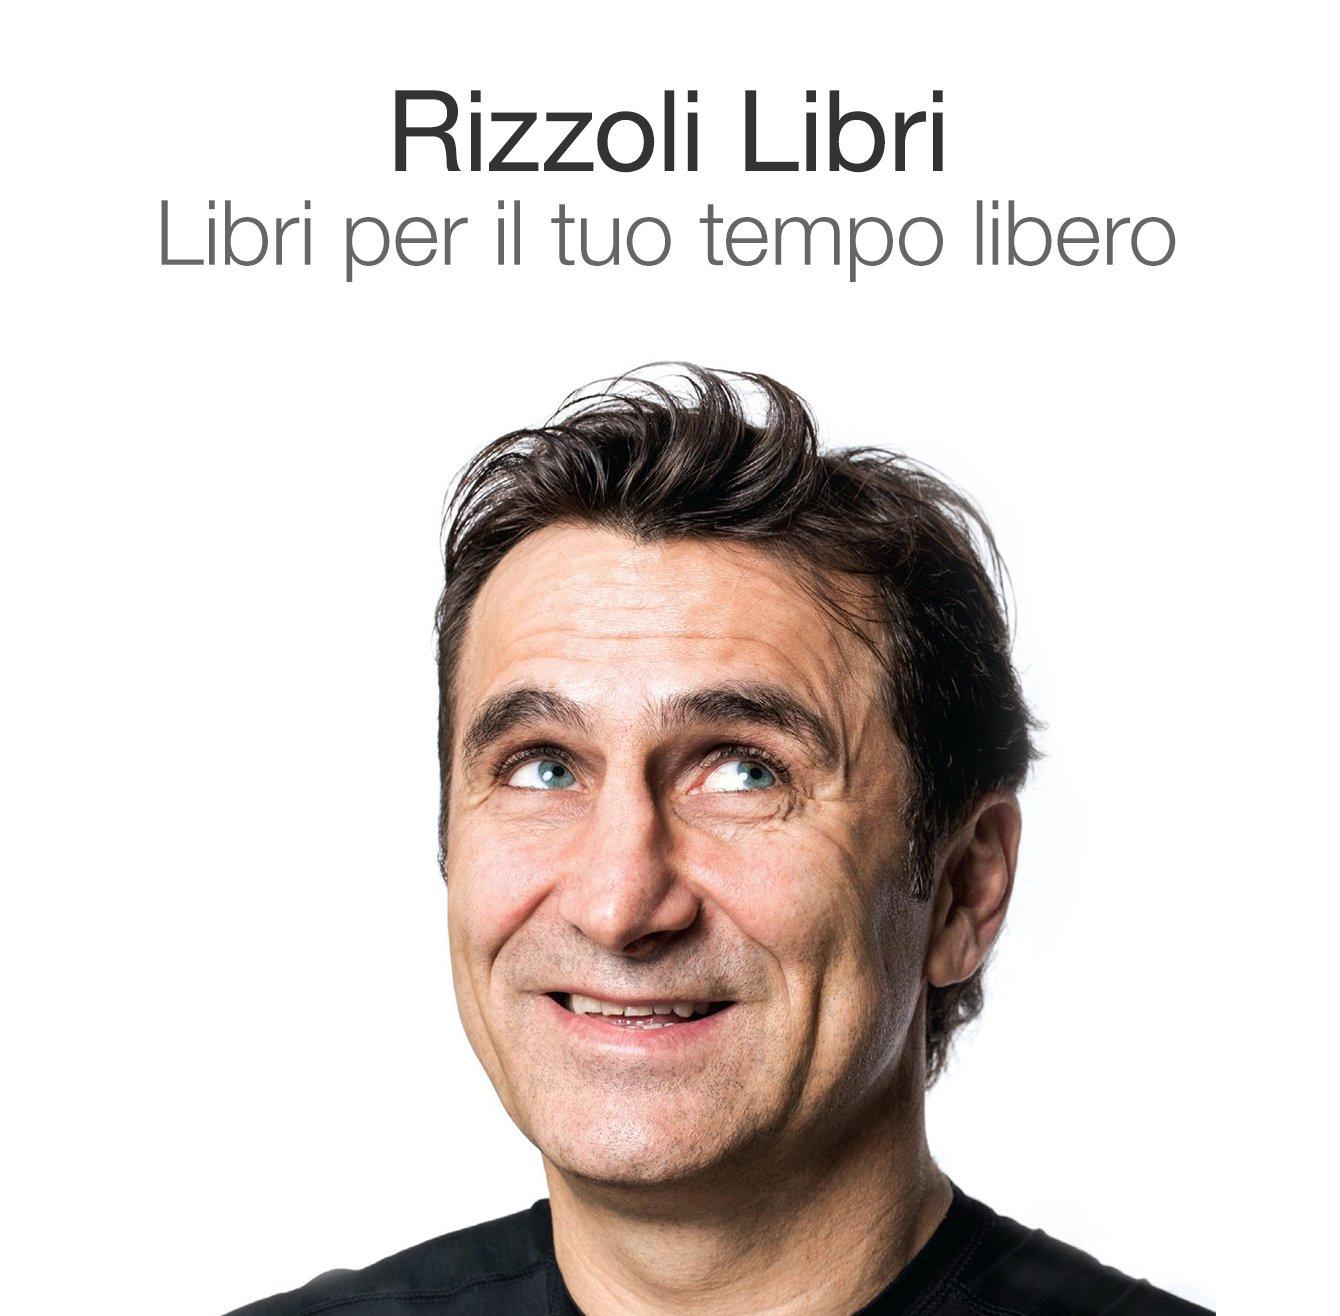 Rizzoli Libri: libri per il tuo tempo libero